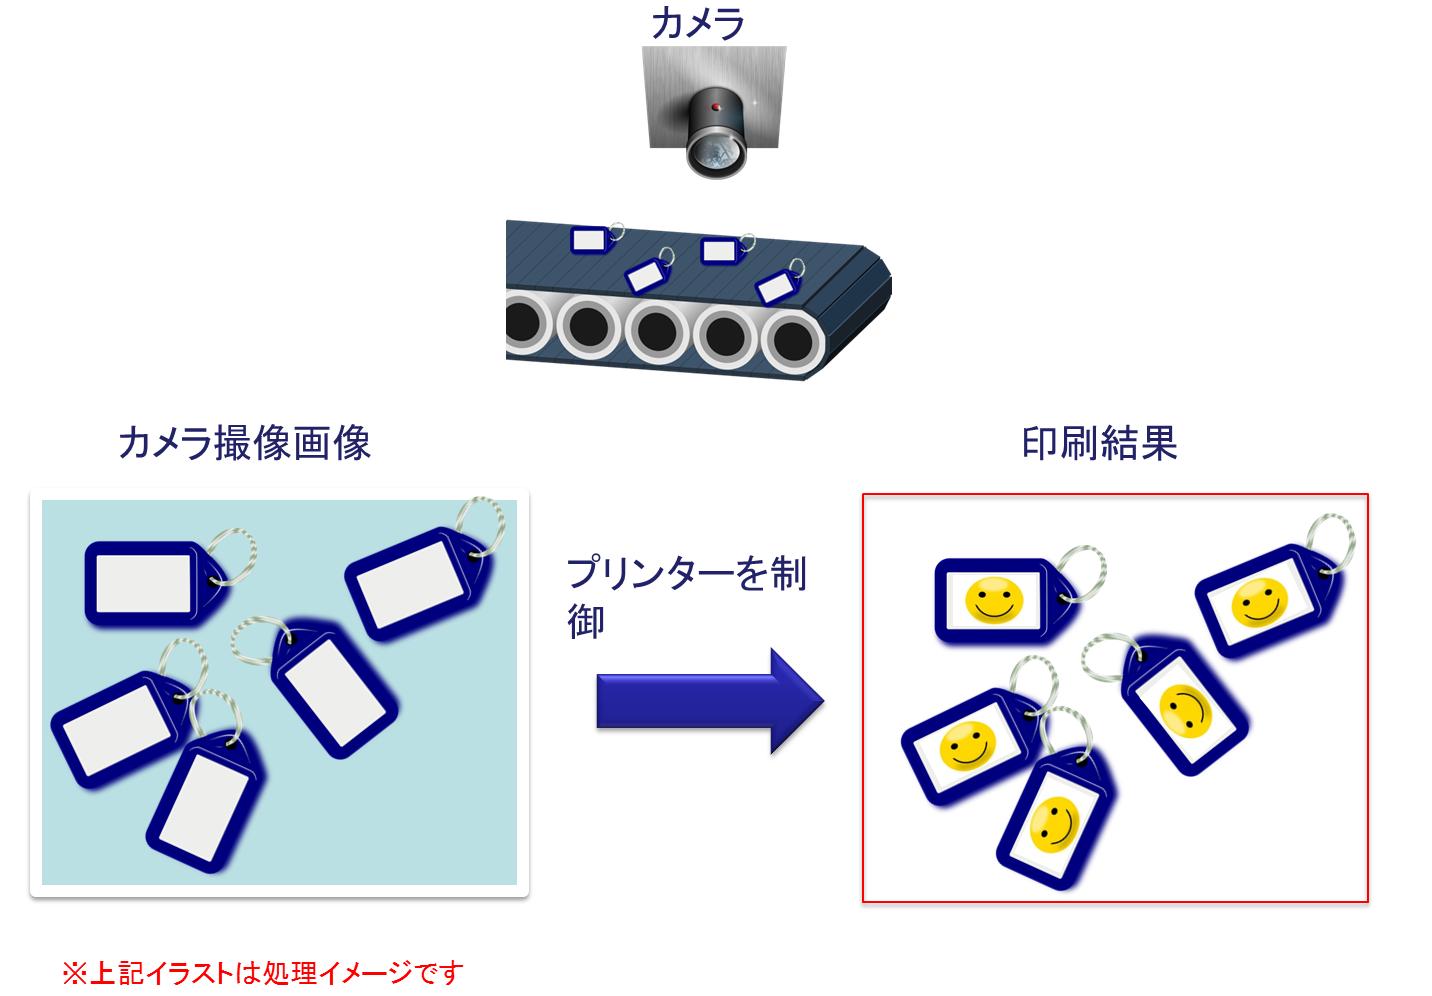 image_check02